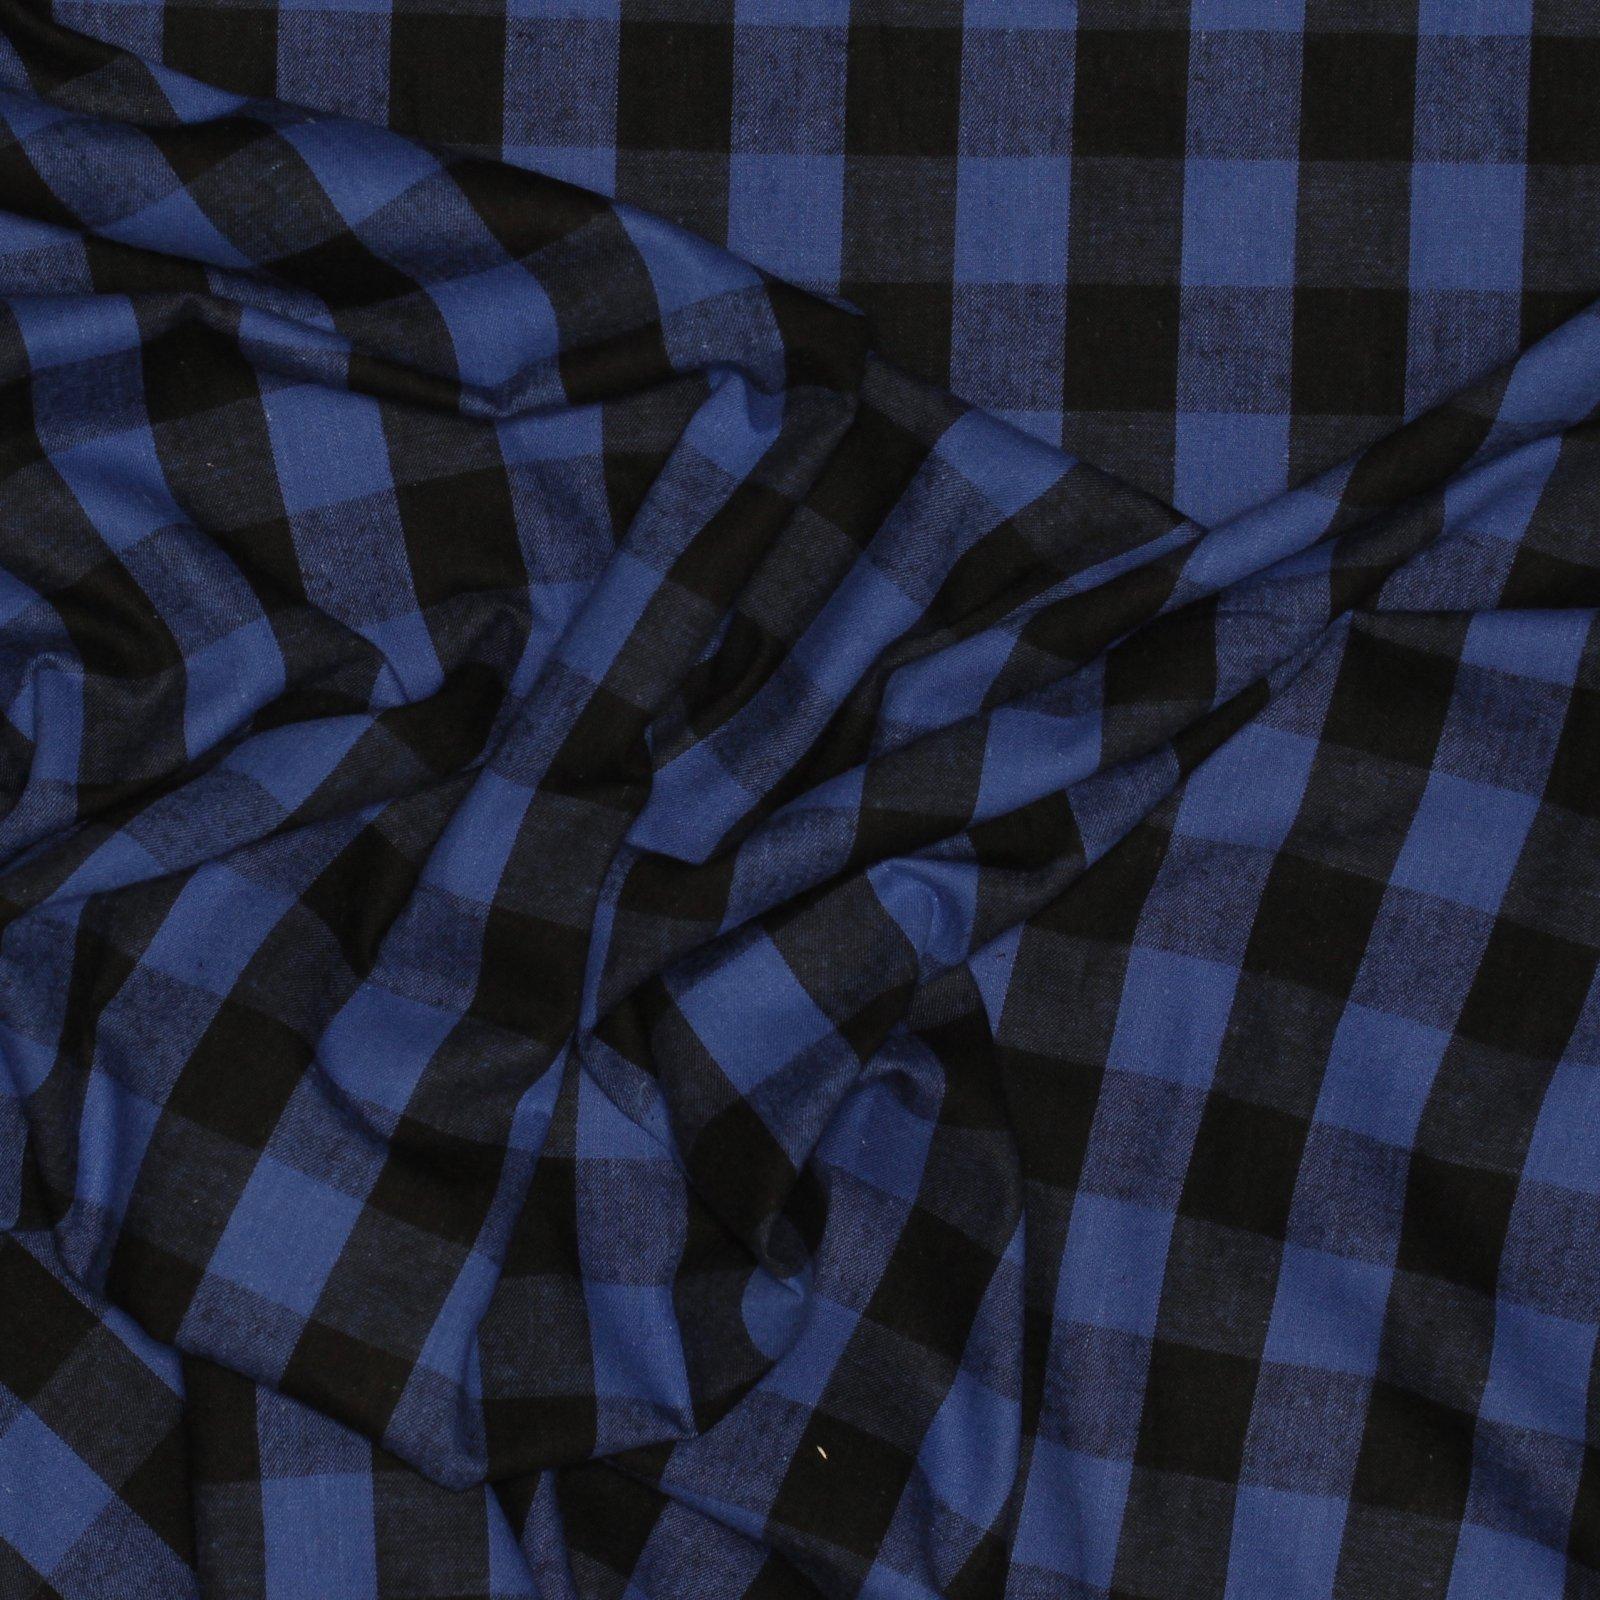 1 Violet/Black Check Cotton Flannel